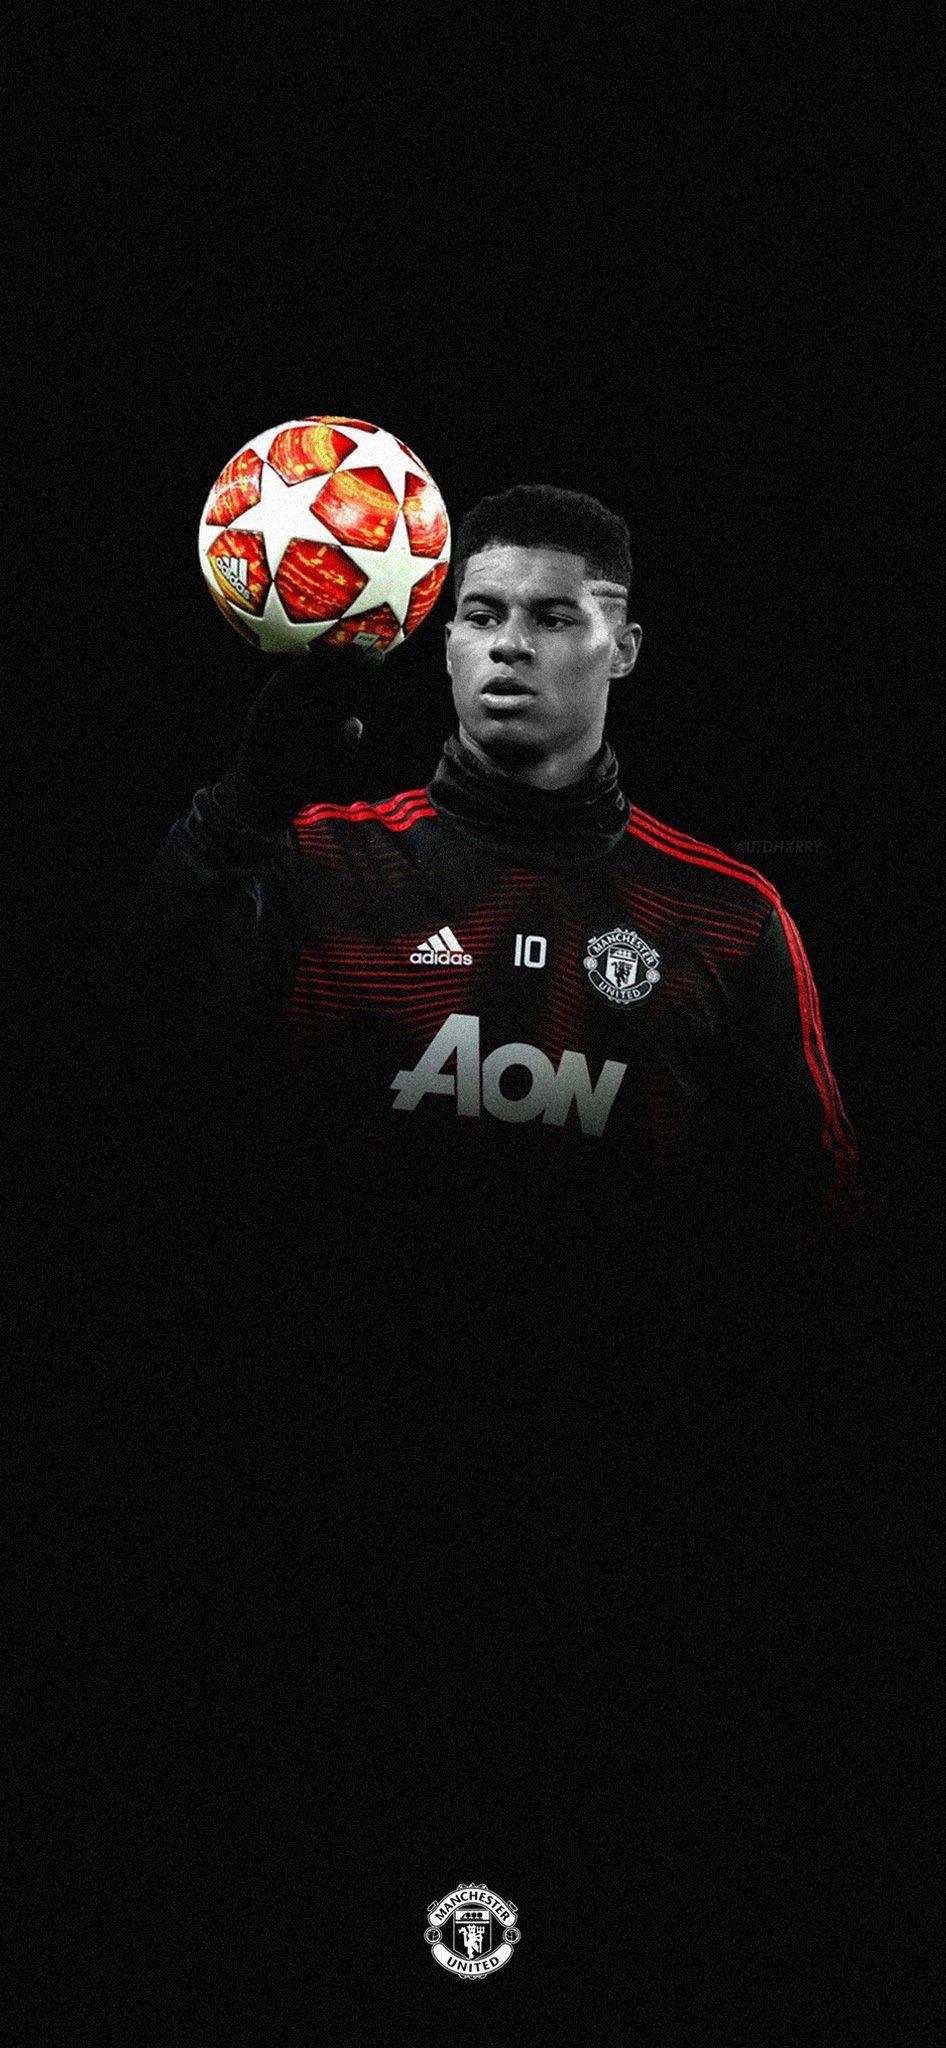 Rashford Man Utd Pemain Sepak Bola Gambar Sepak Bola Sepak Bola